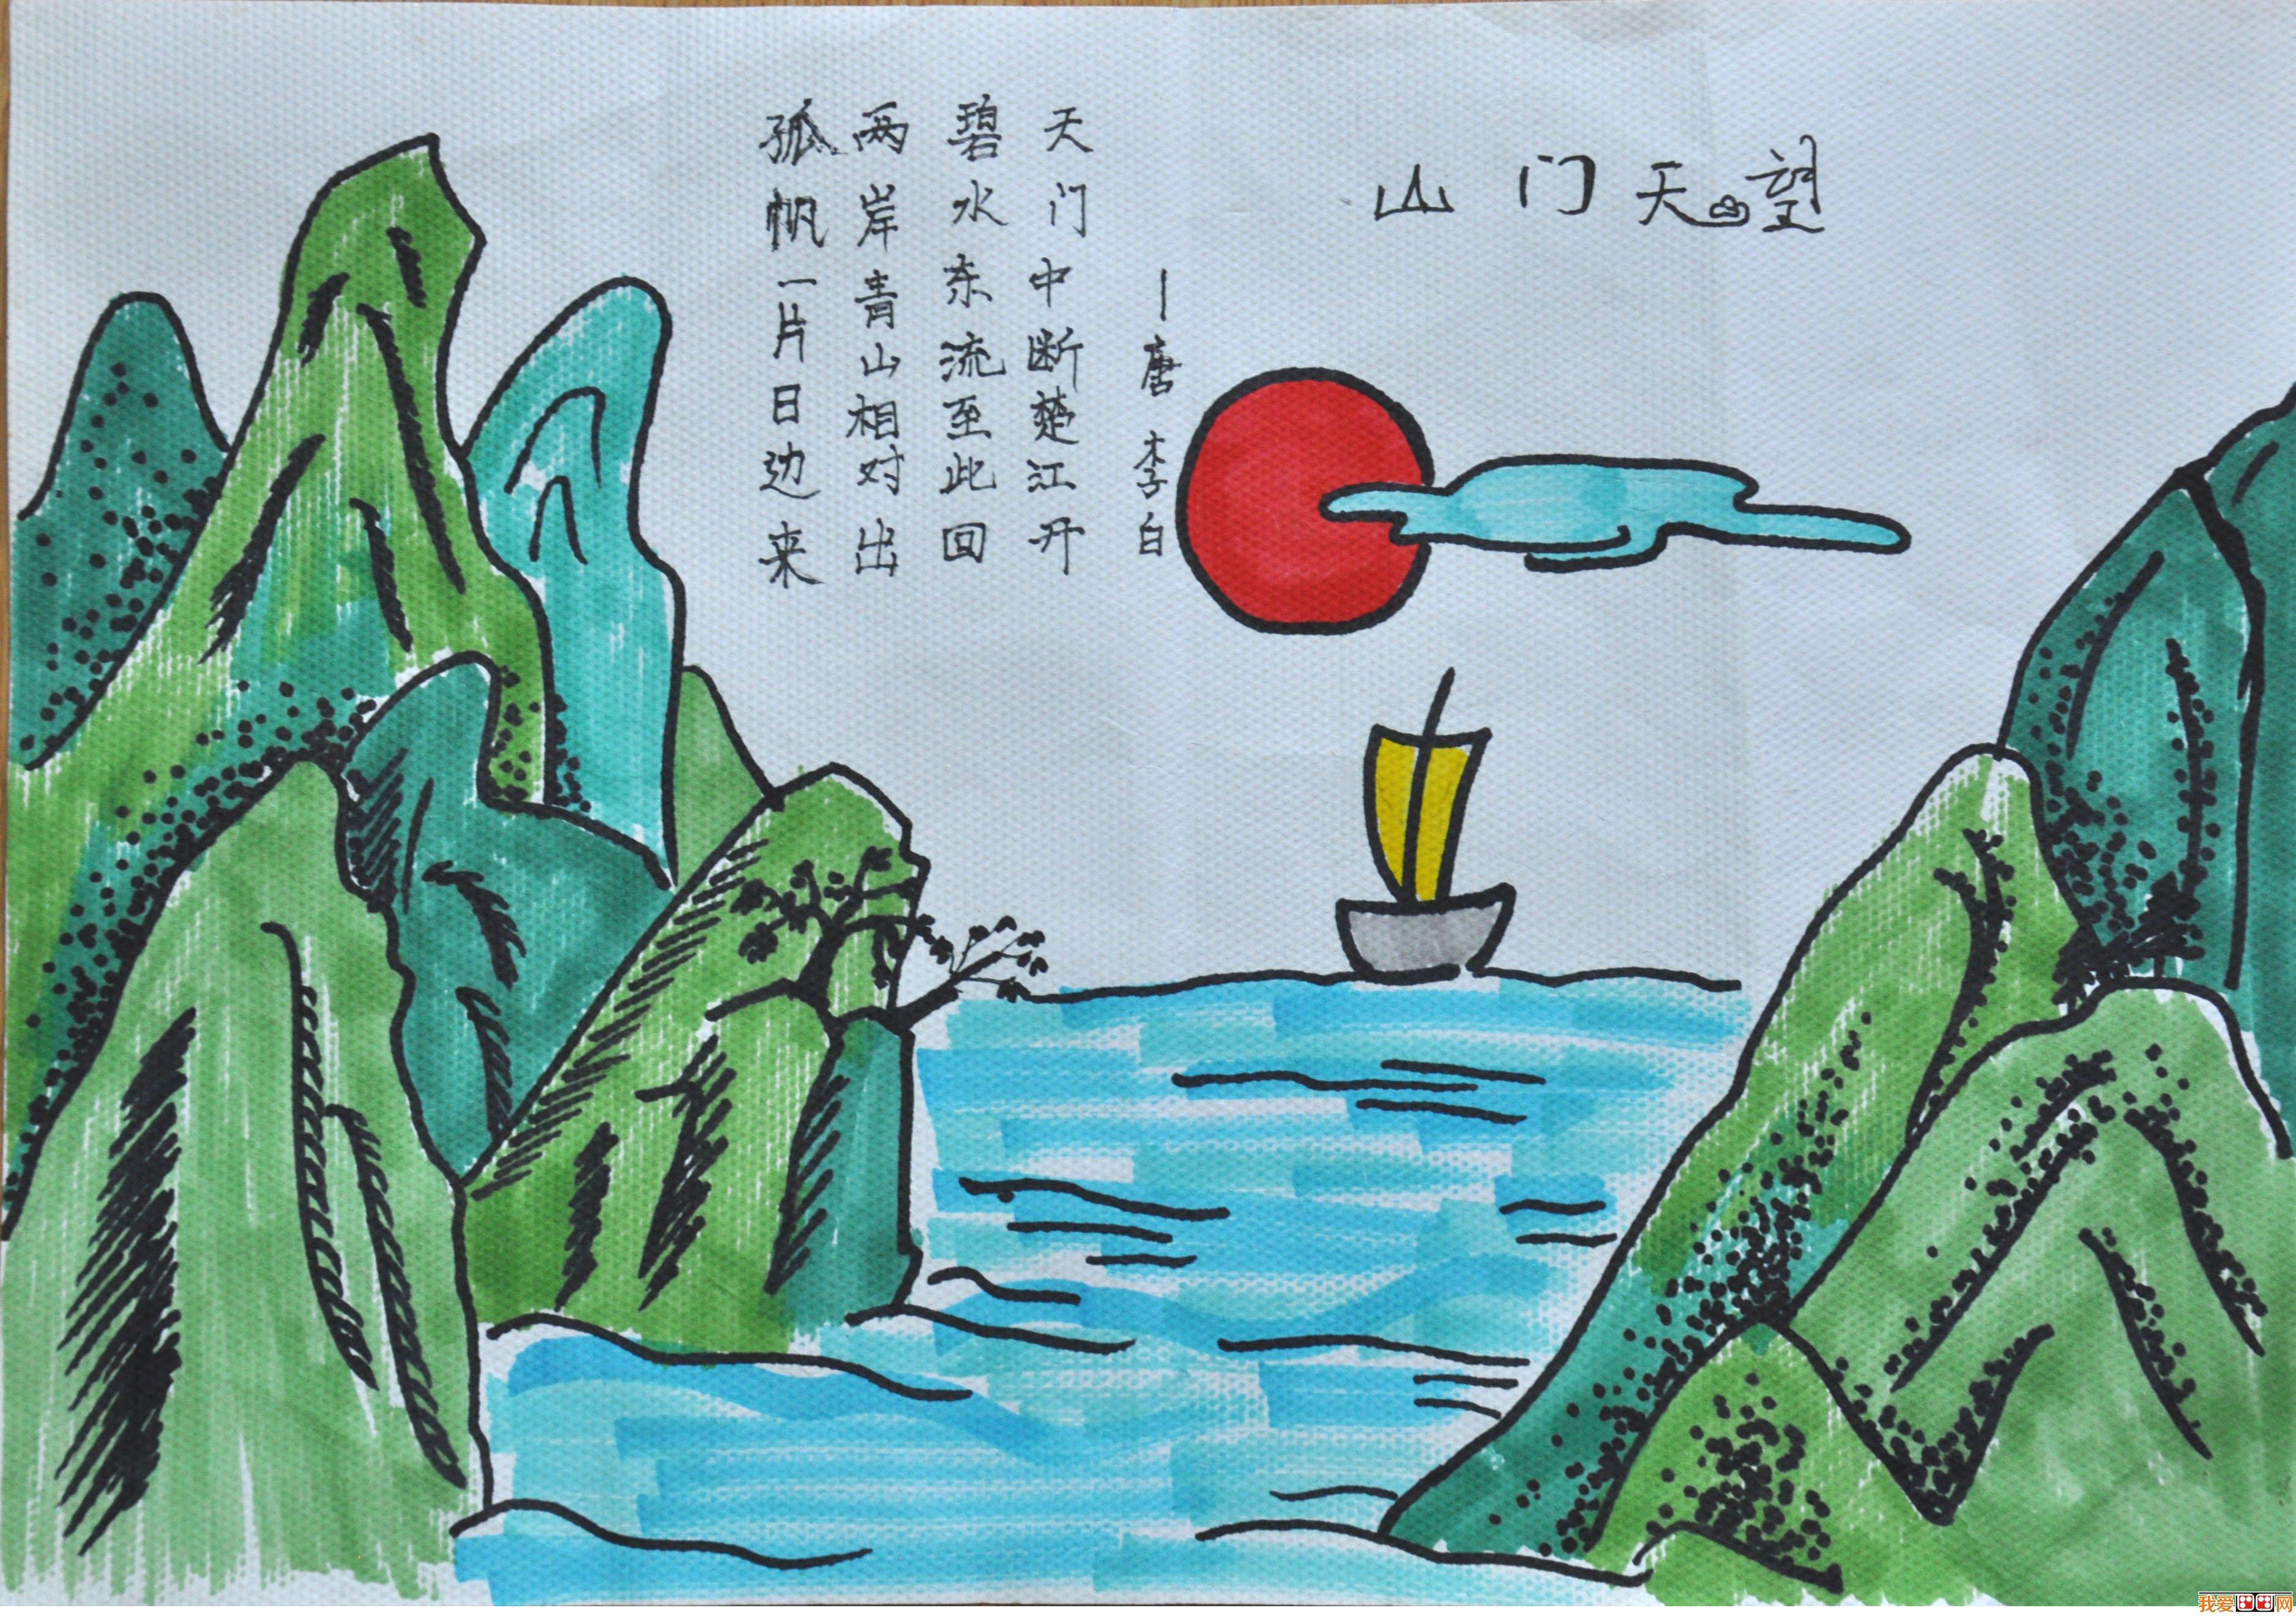 幼儿美术教育活动的总目标图片